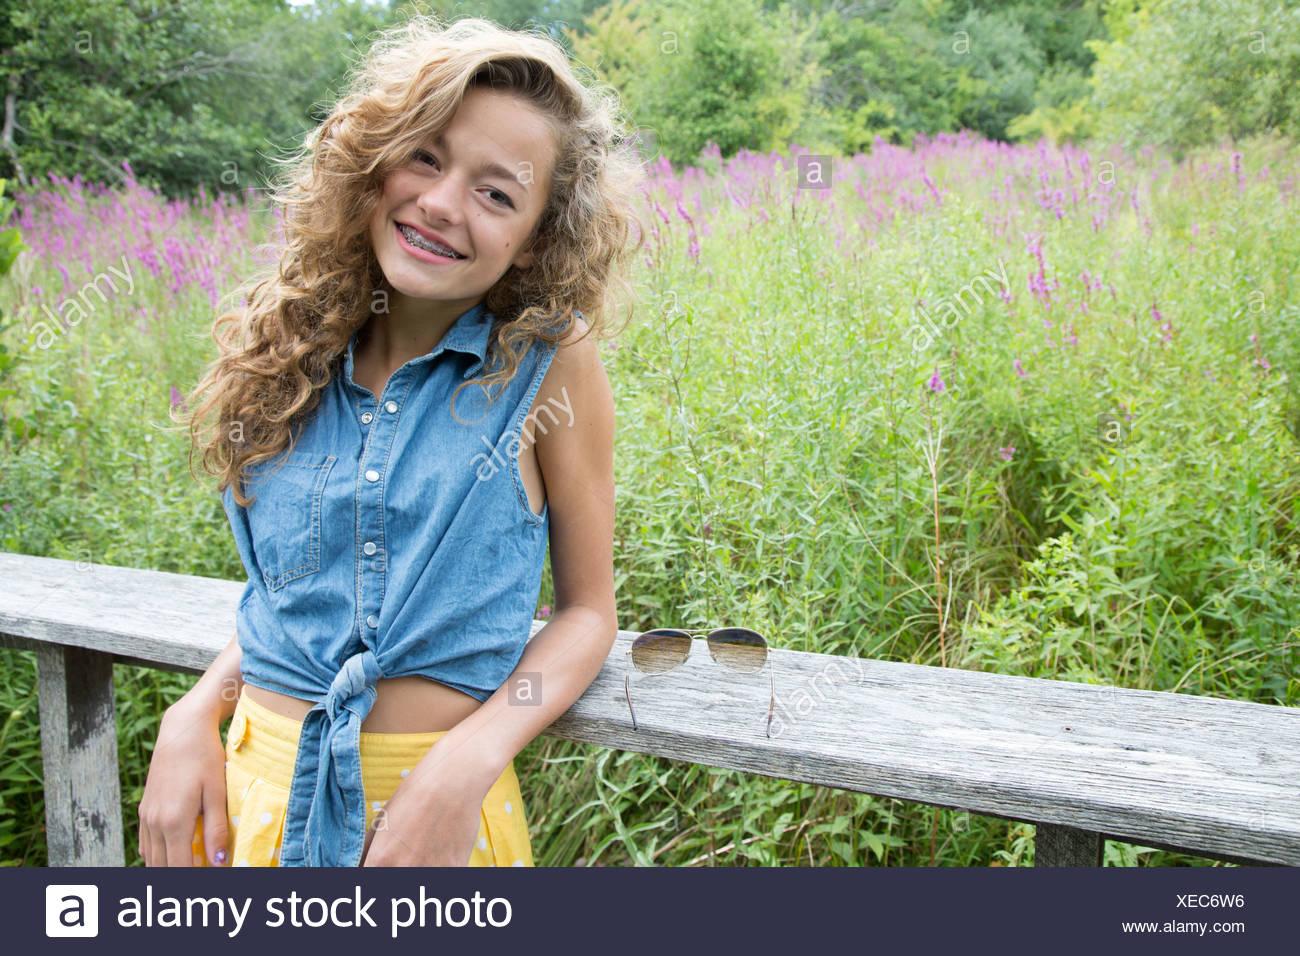 Ritratto di ragazza adolescente appoggiata sulla recinzione di legno Foto Stock